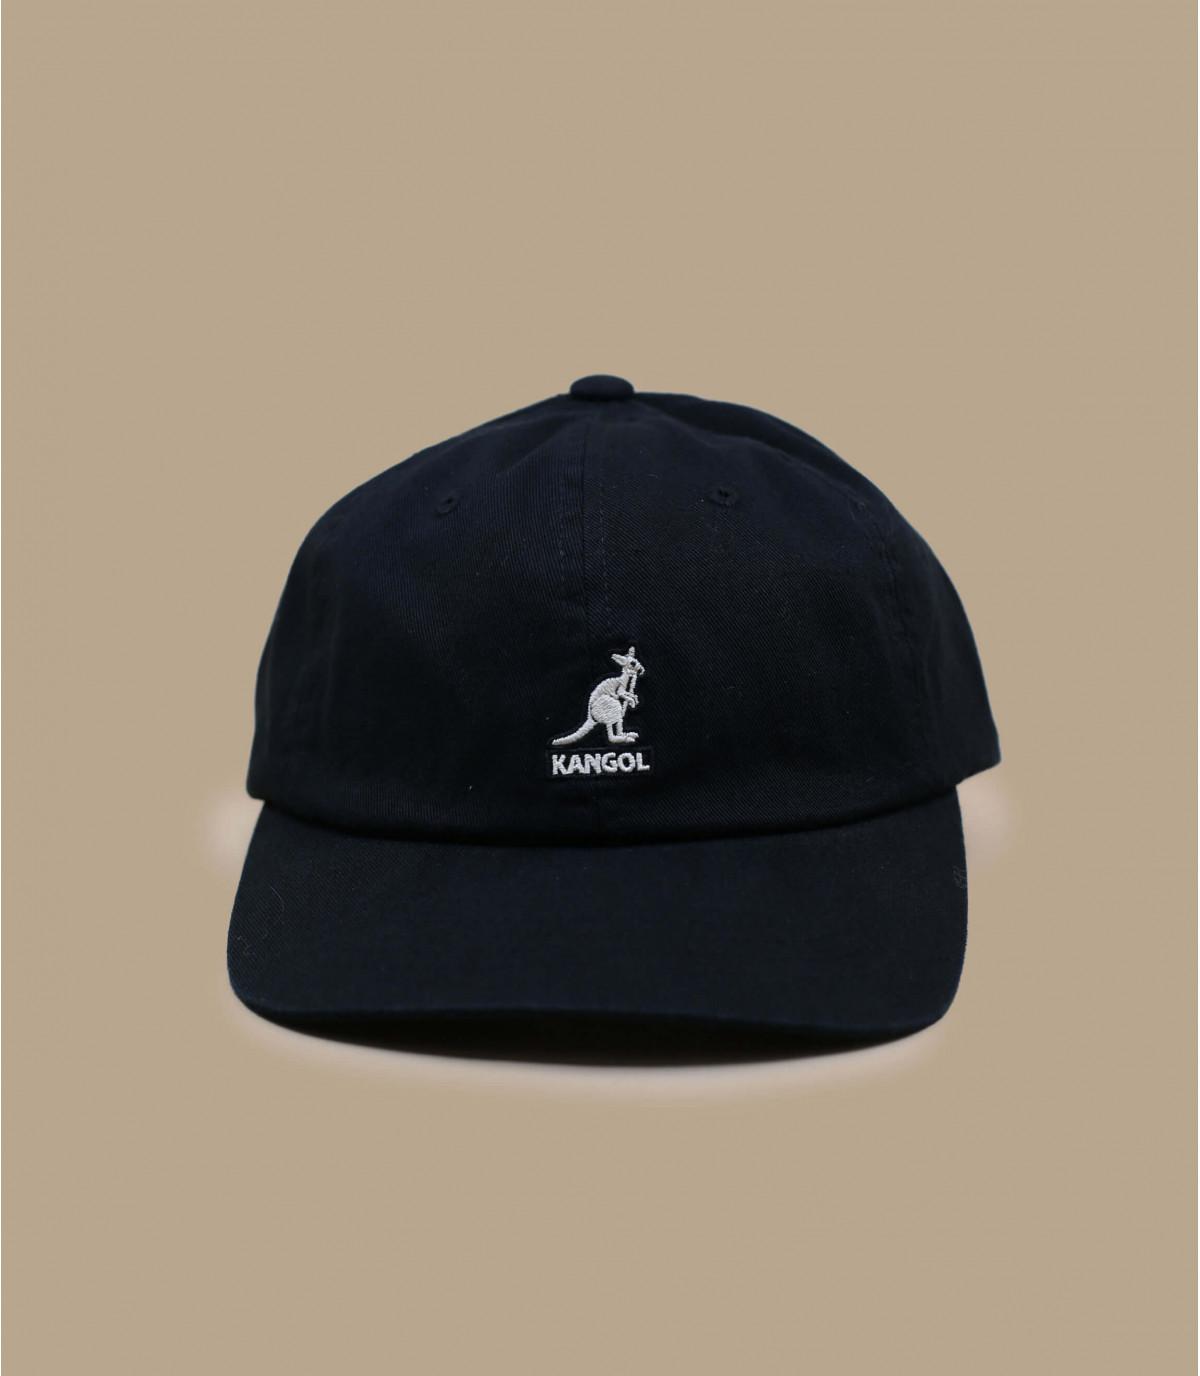 algodón negro gorra de béisbol Kangol